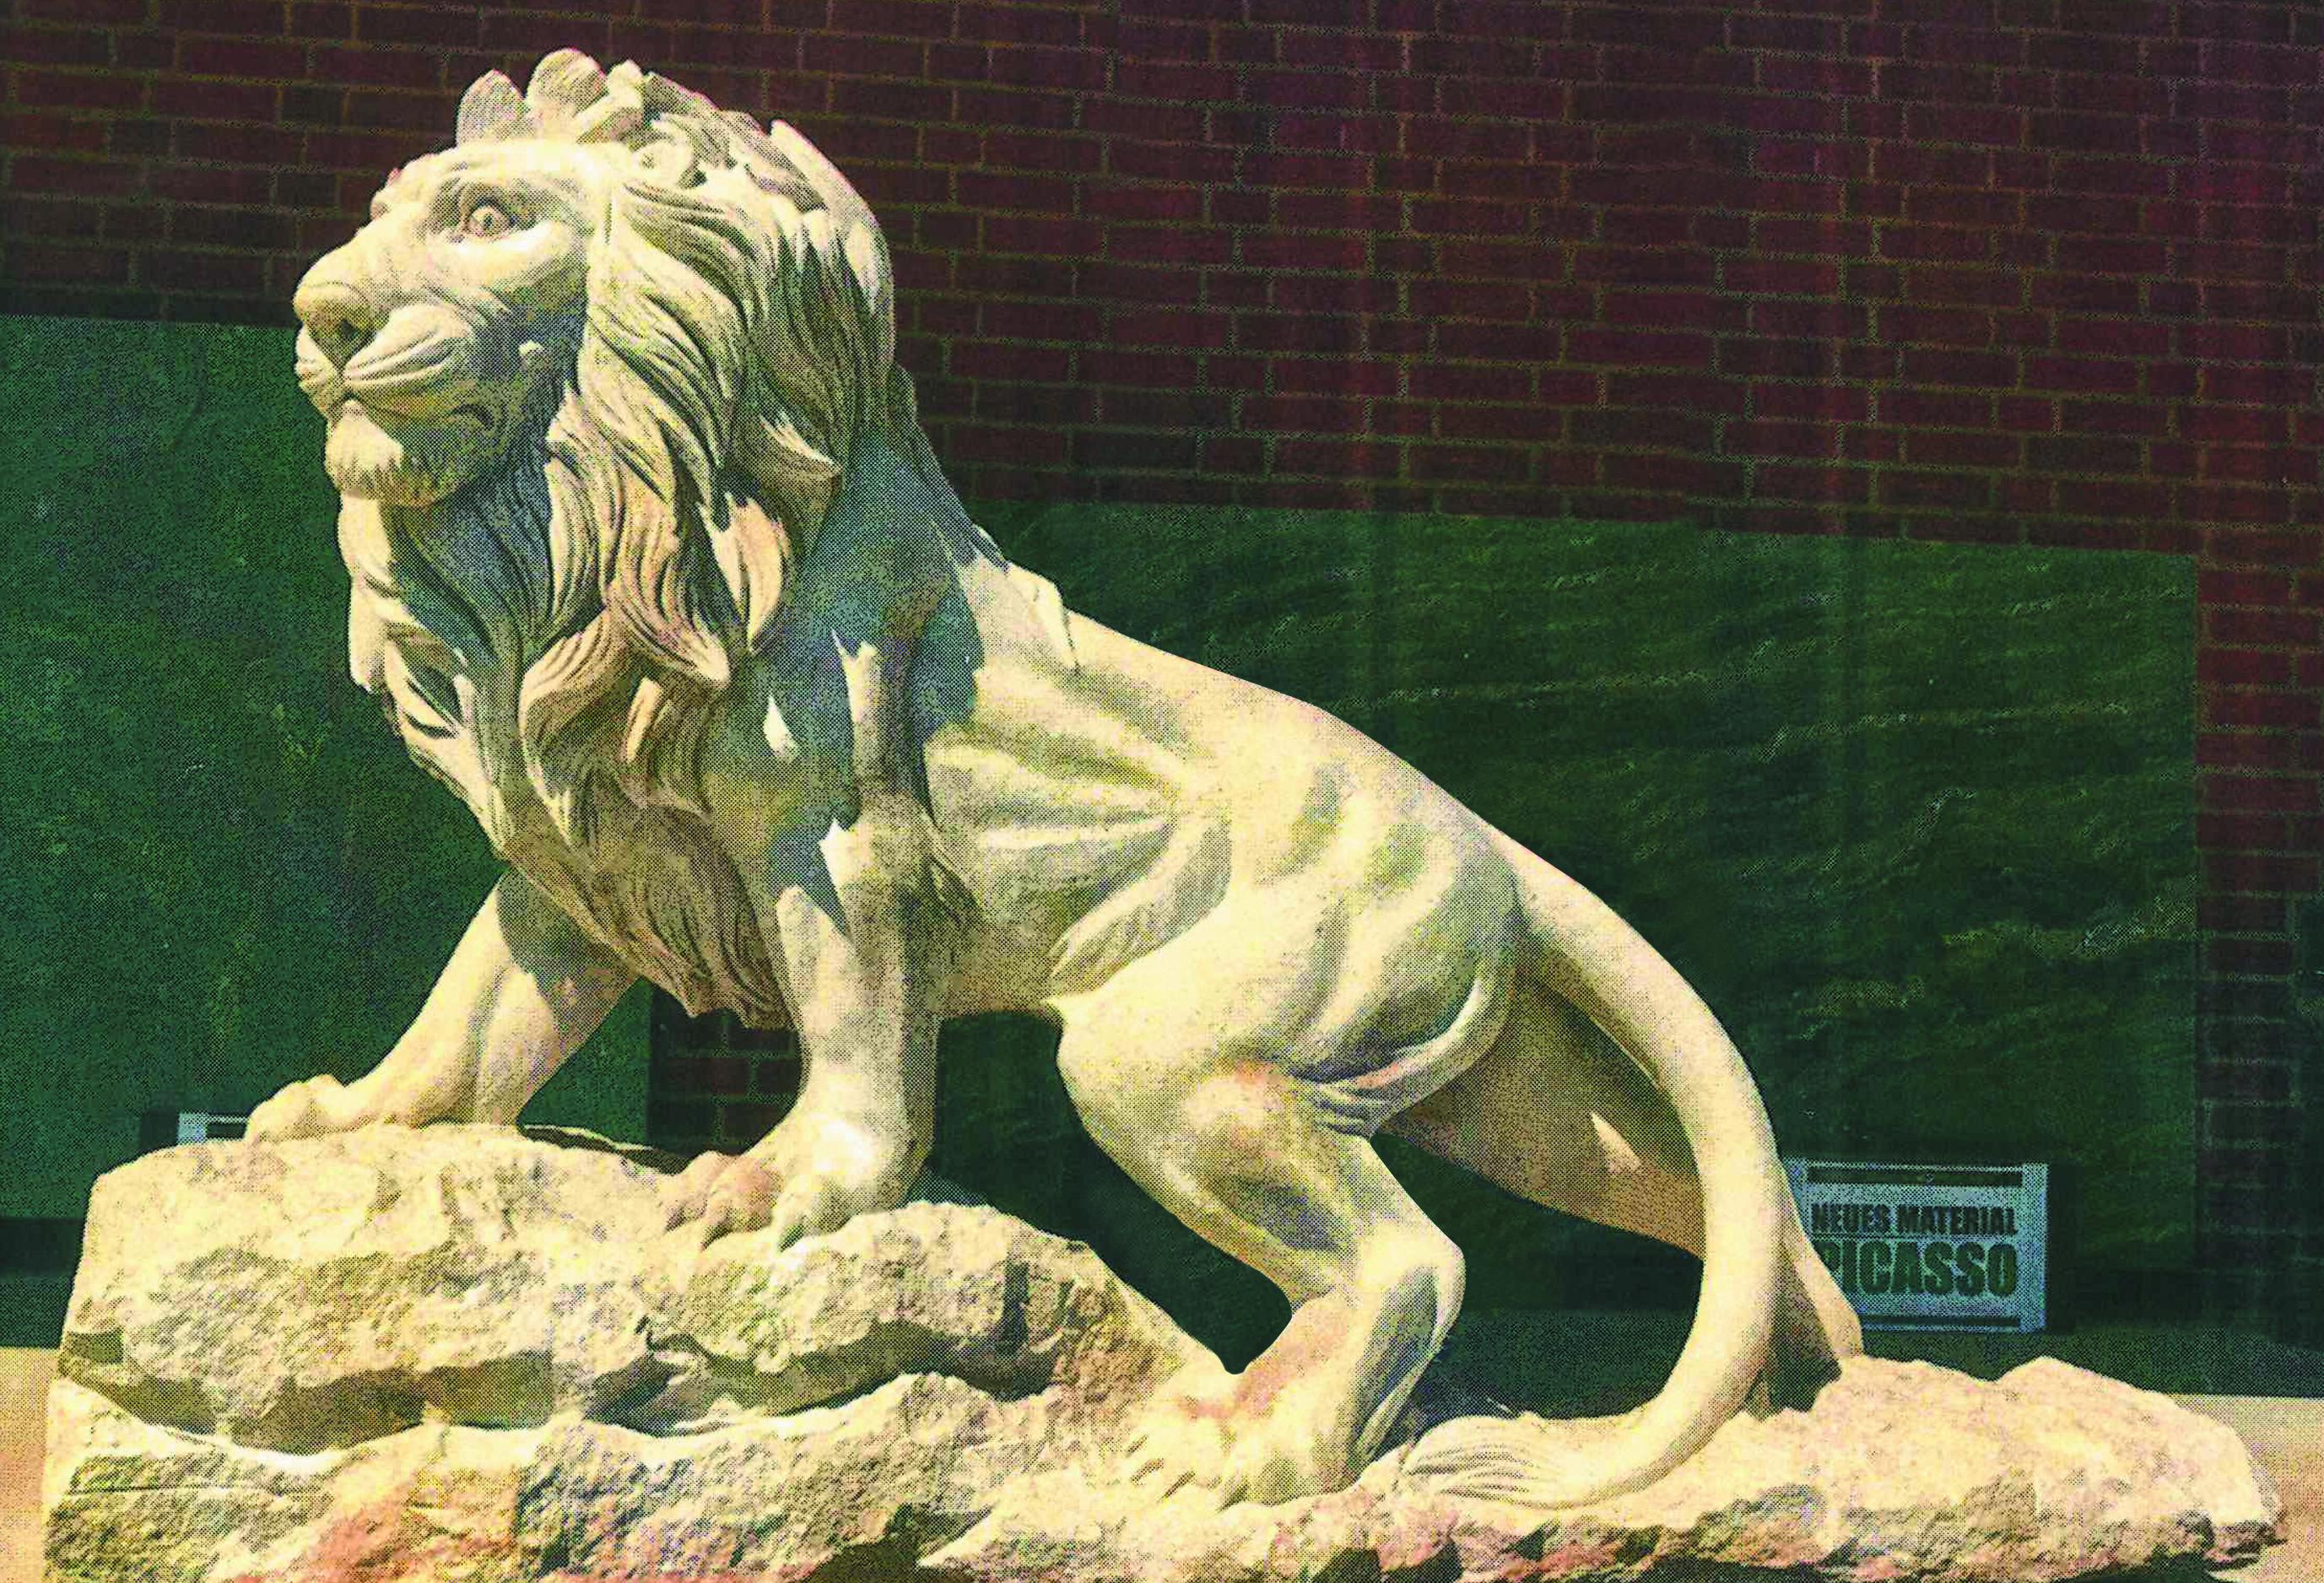 Begrüßt ab jetzt die Besucher des Lionspark: Der Hendsemer Löb.